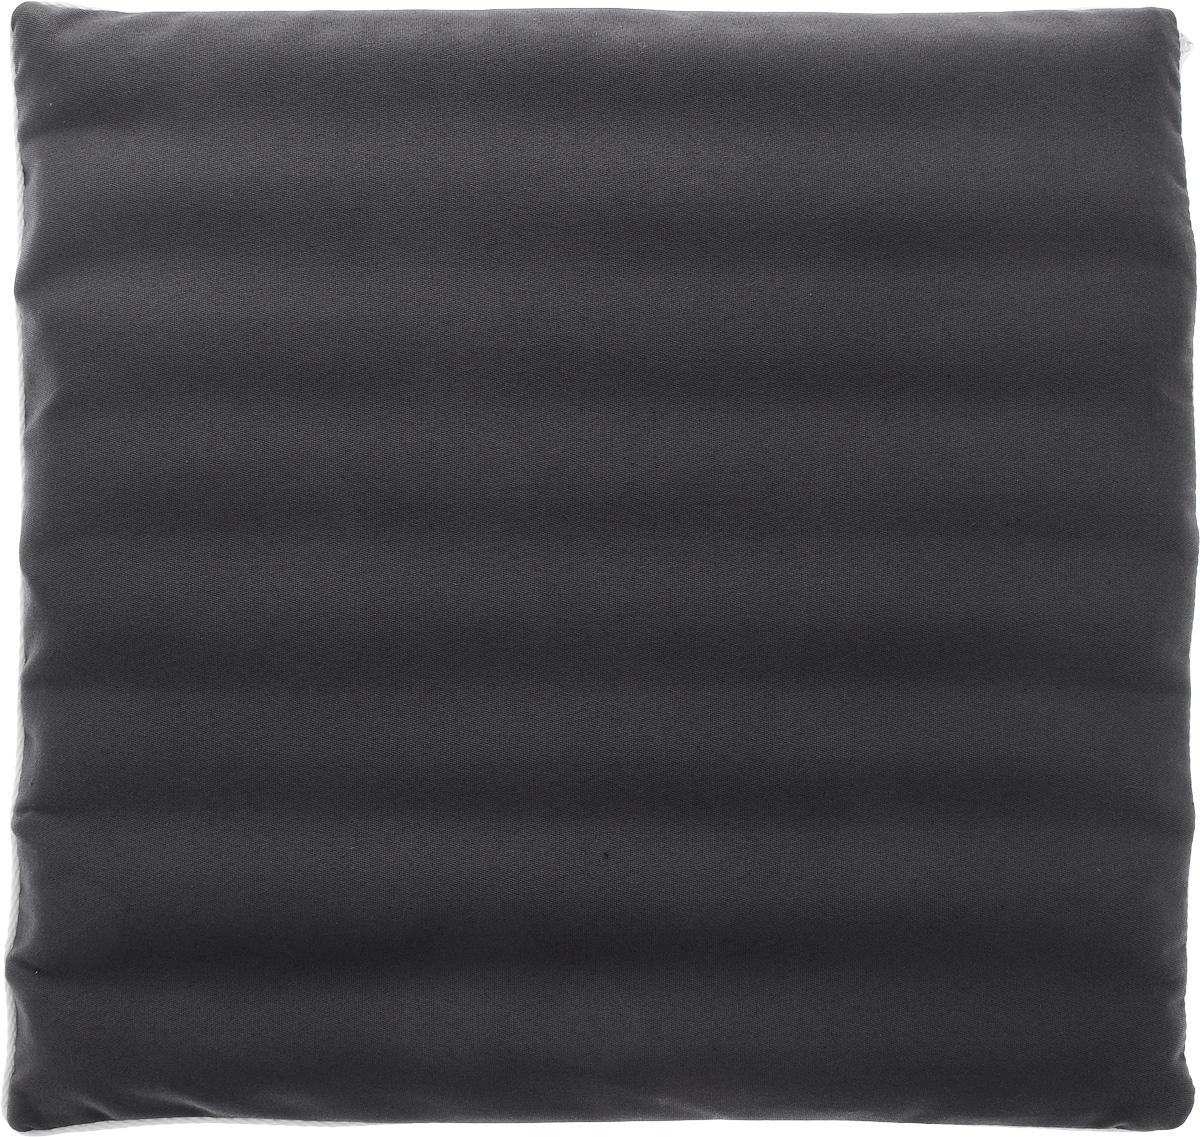 Подушка на сиденье Smart Textile Гемо-комфорт офис, с чехлом, наполнитель: лузга гречихи, 40 х 40 смT758Подушка на сиденье Smart Textile Гемо-комфорт офис создана для тех, кто весь свой рабочий день вынужден проводить в офисном кресле. Наполнителем служат лепестки лузги гречихи, которые обеспечивают микромассаж кожи и поверхностных мышц, а также обеспечивают удобную посадку и снимают напряжение.Особенности подушки:- Хорошо проветривается.- Предупреждает потение.- Поддерживает комфортную температуру.- Обминается по форме тела.- Улучшает кровообращение.- Исключает затечные явления.- Предупреждает развитие заболеваний, связанных с сидячим образом жизни. Конструкция подушки, составленная из ряда валиков, обеспечивает еще больший массажный эффект, а плотная износостойкая ткань хорошо удерживает наполнитель, сохраняет форму подушки и продлевает срок службы изделия.Подушка также будет полезна и дома - при работе за компьютером, школьникам - при выполнении домашних работ, да и в любимом кресле перед телевизором.В комплект прилагается сменный чехол, выполненный из смесовой ткани, за счет чего уход за подушкой становится удобнее и проще.